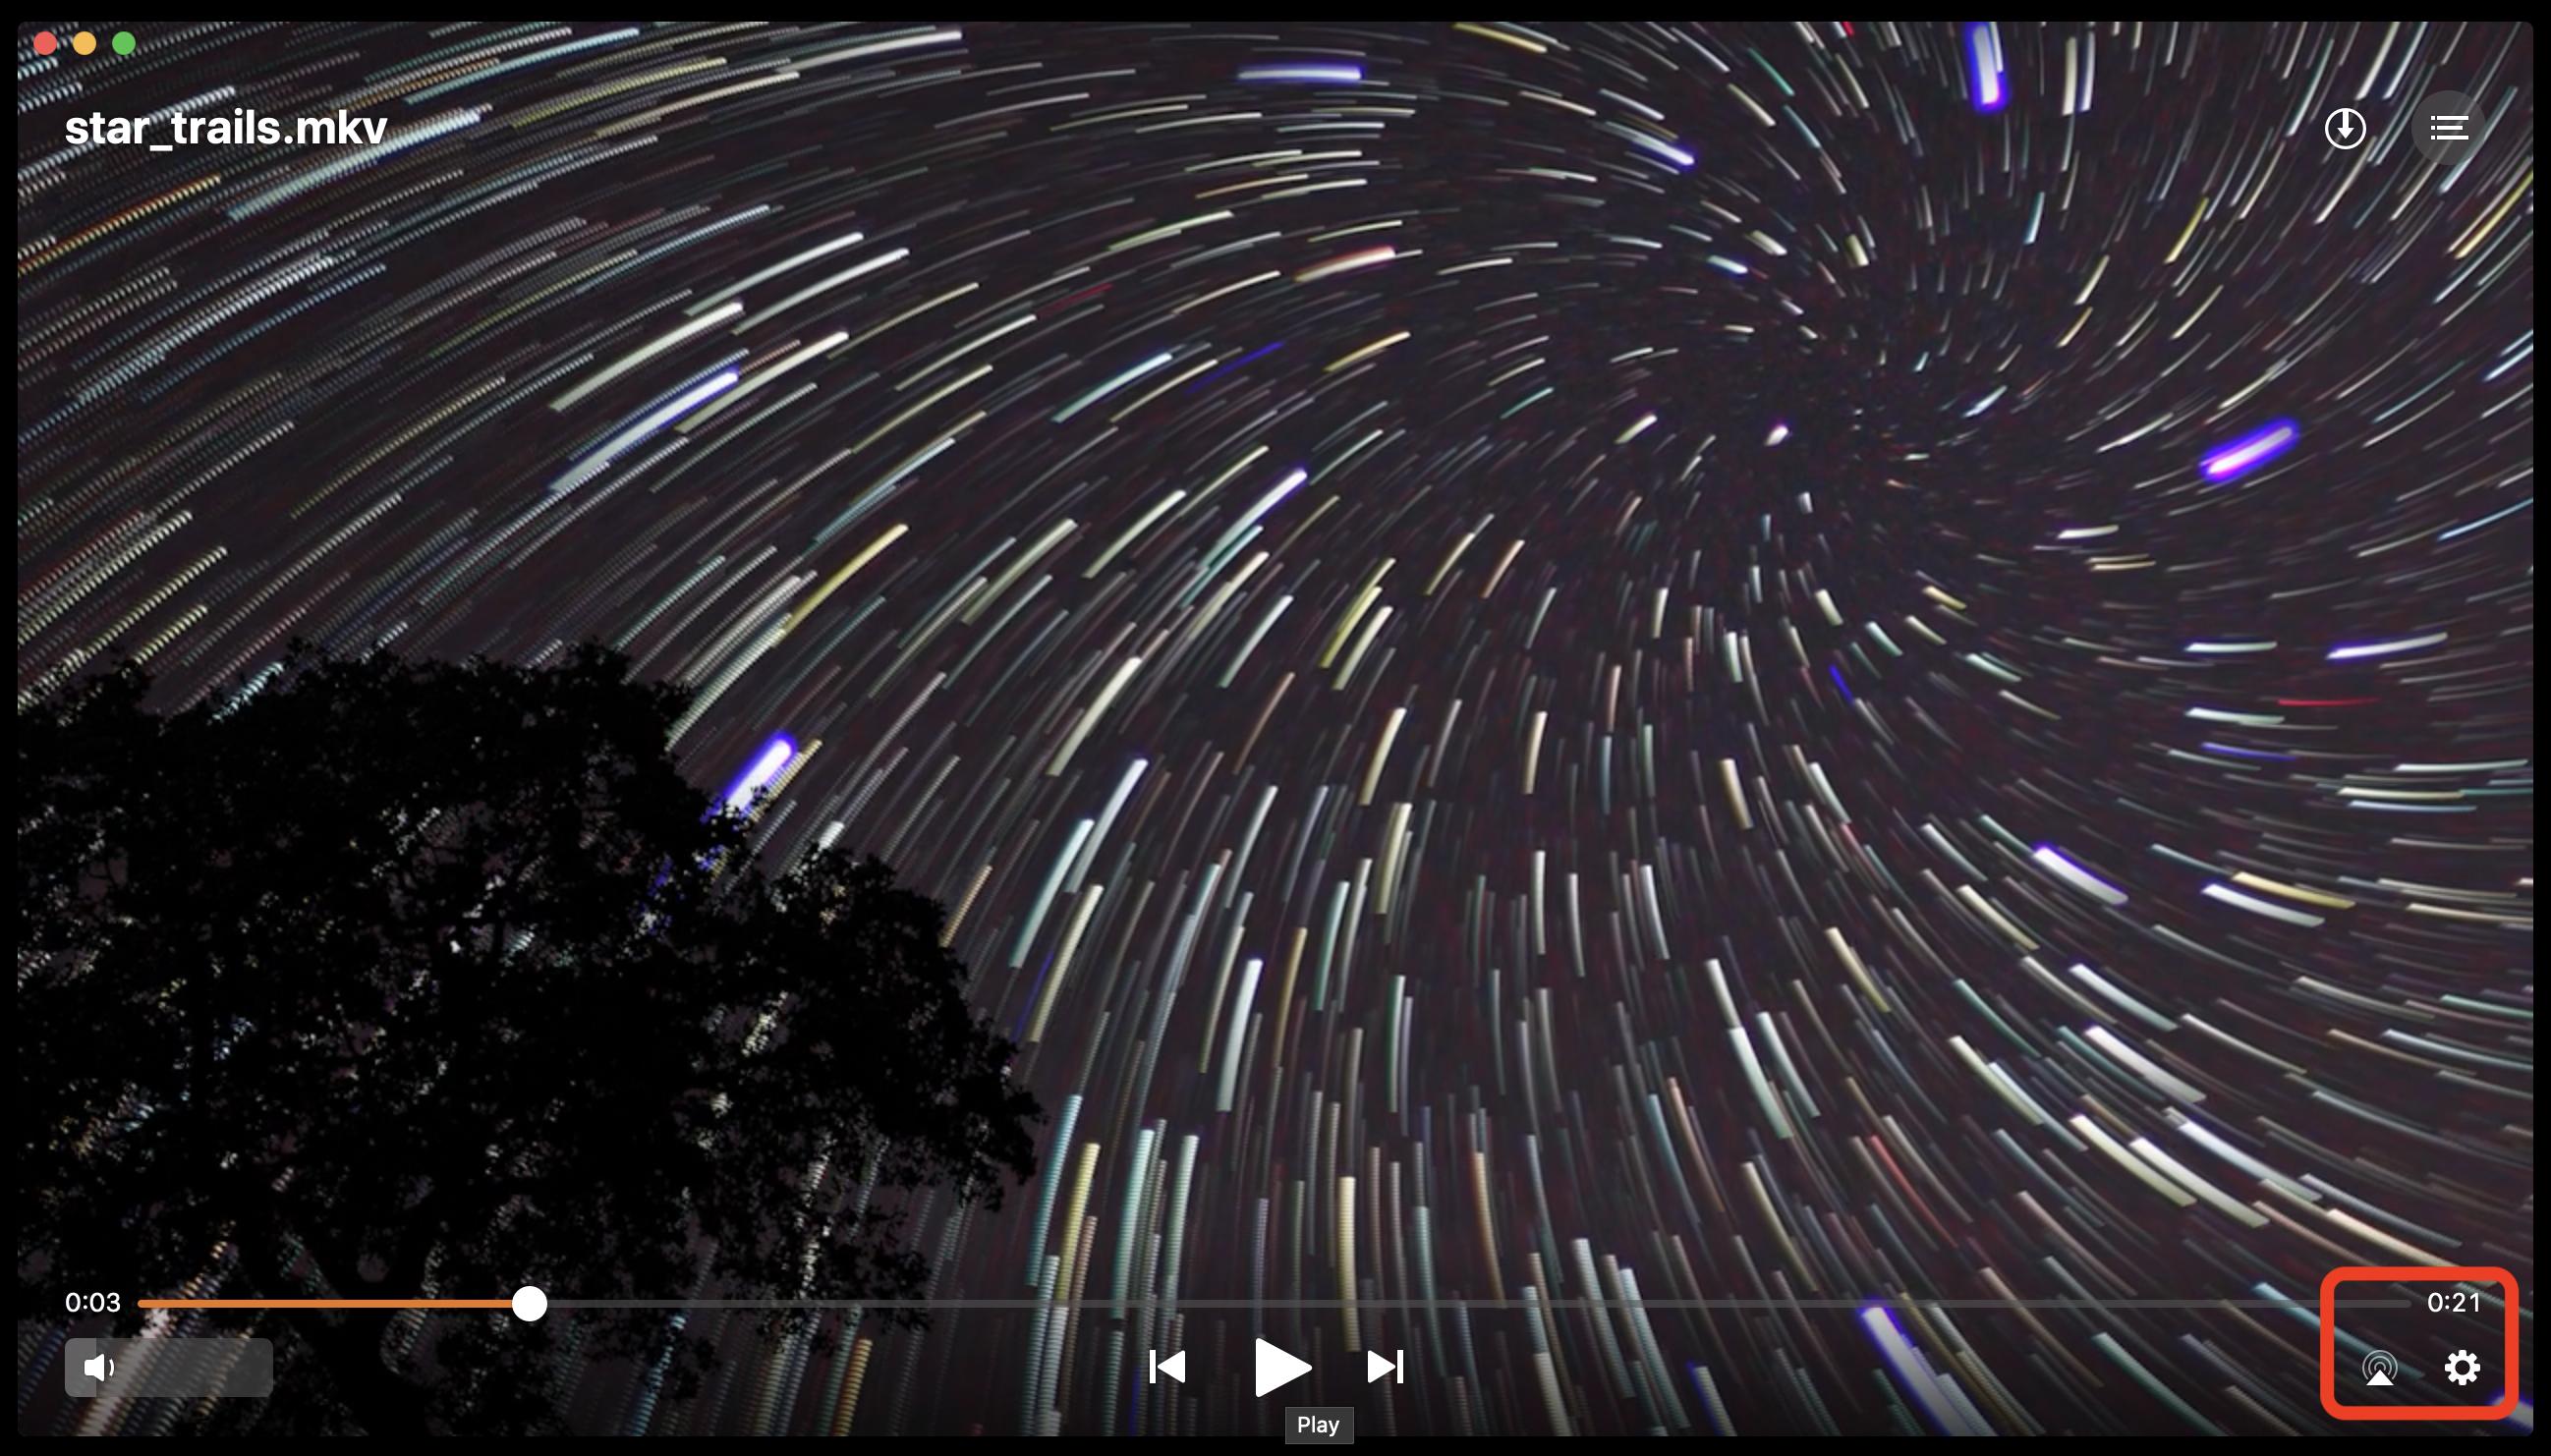 MKV-Videos auf einem Mac abspielen